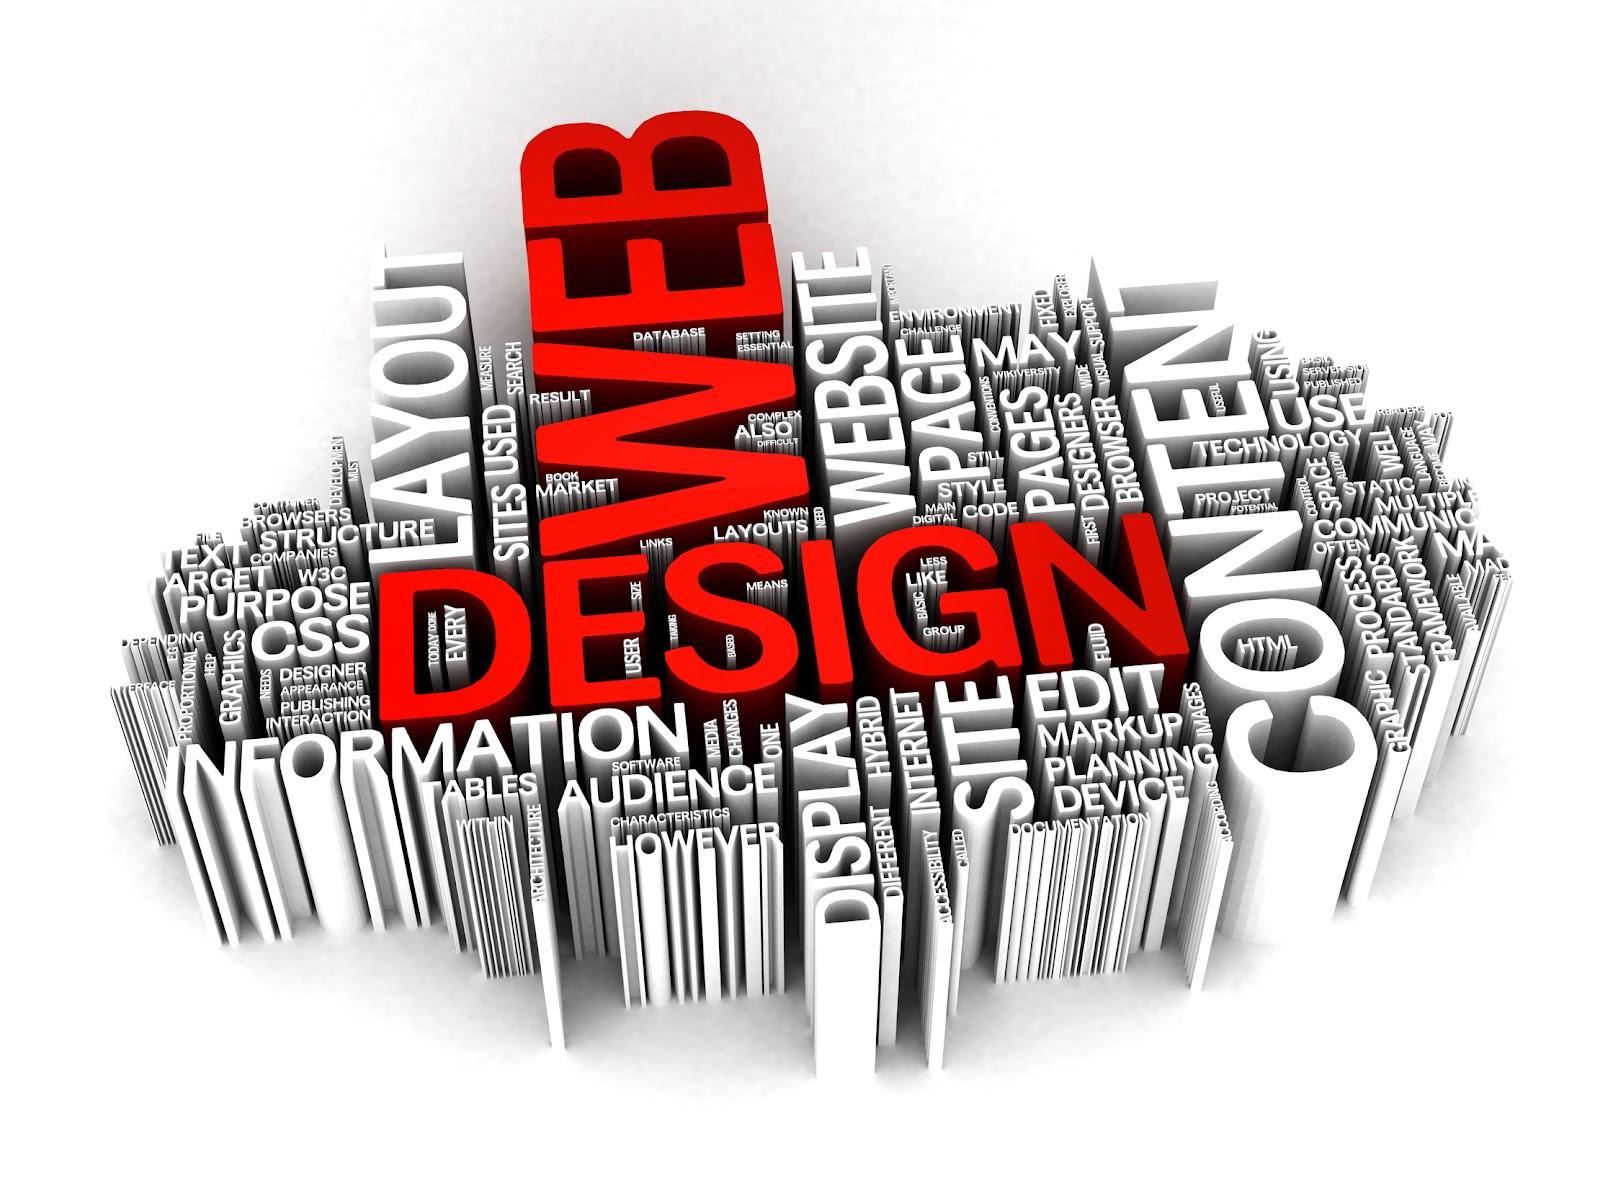 webdesiser